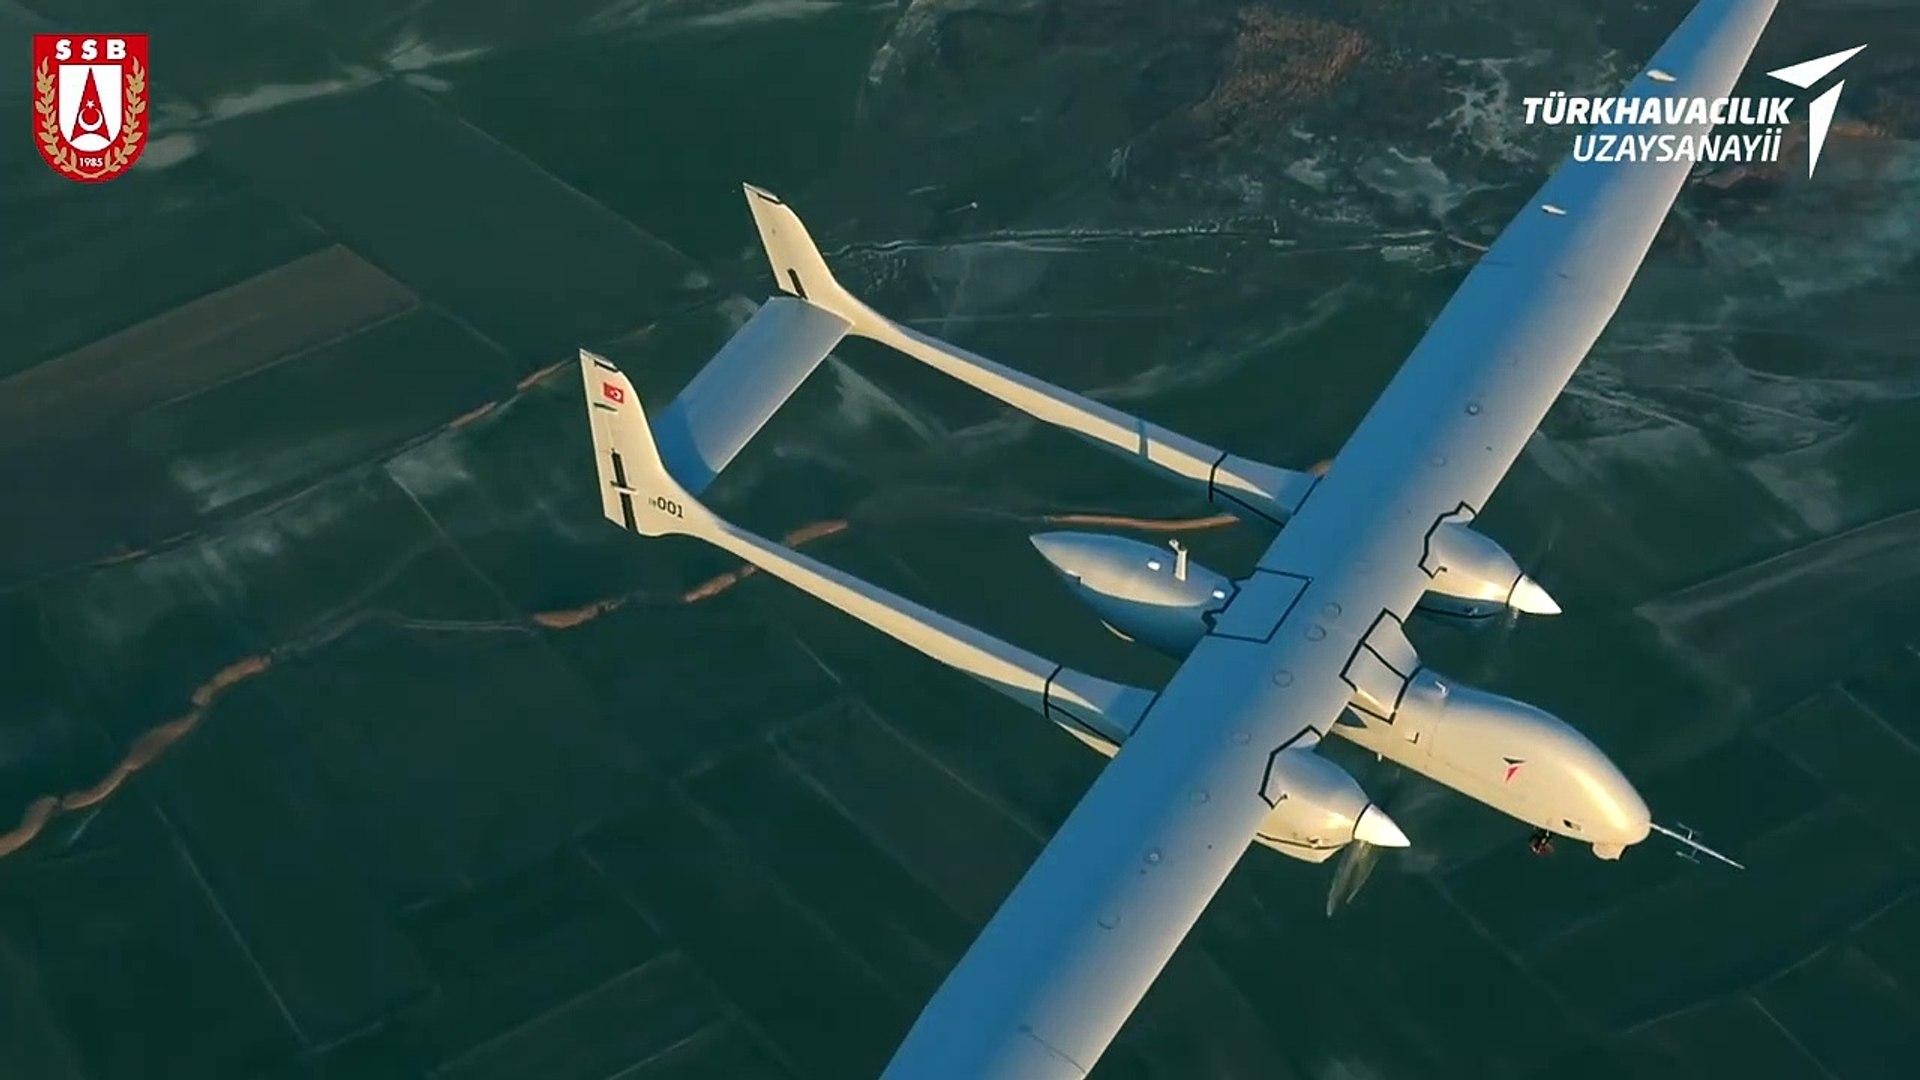 Yerli ve milli yüksek faydalı yük kapasiteli insansız hava aracı Aksungur 2020'de TSK'ya s